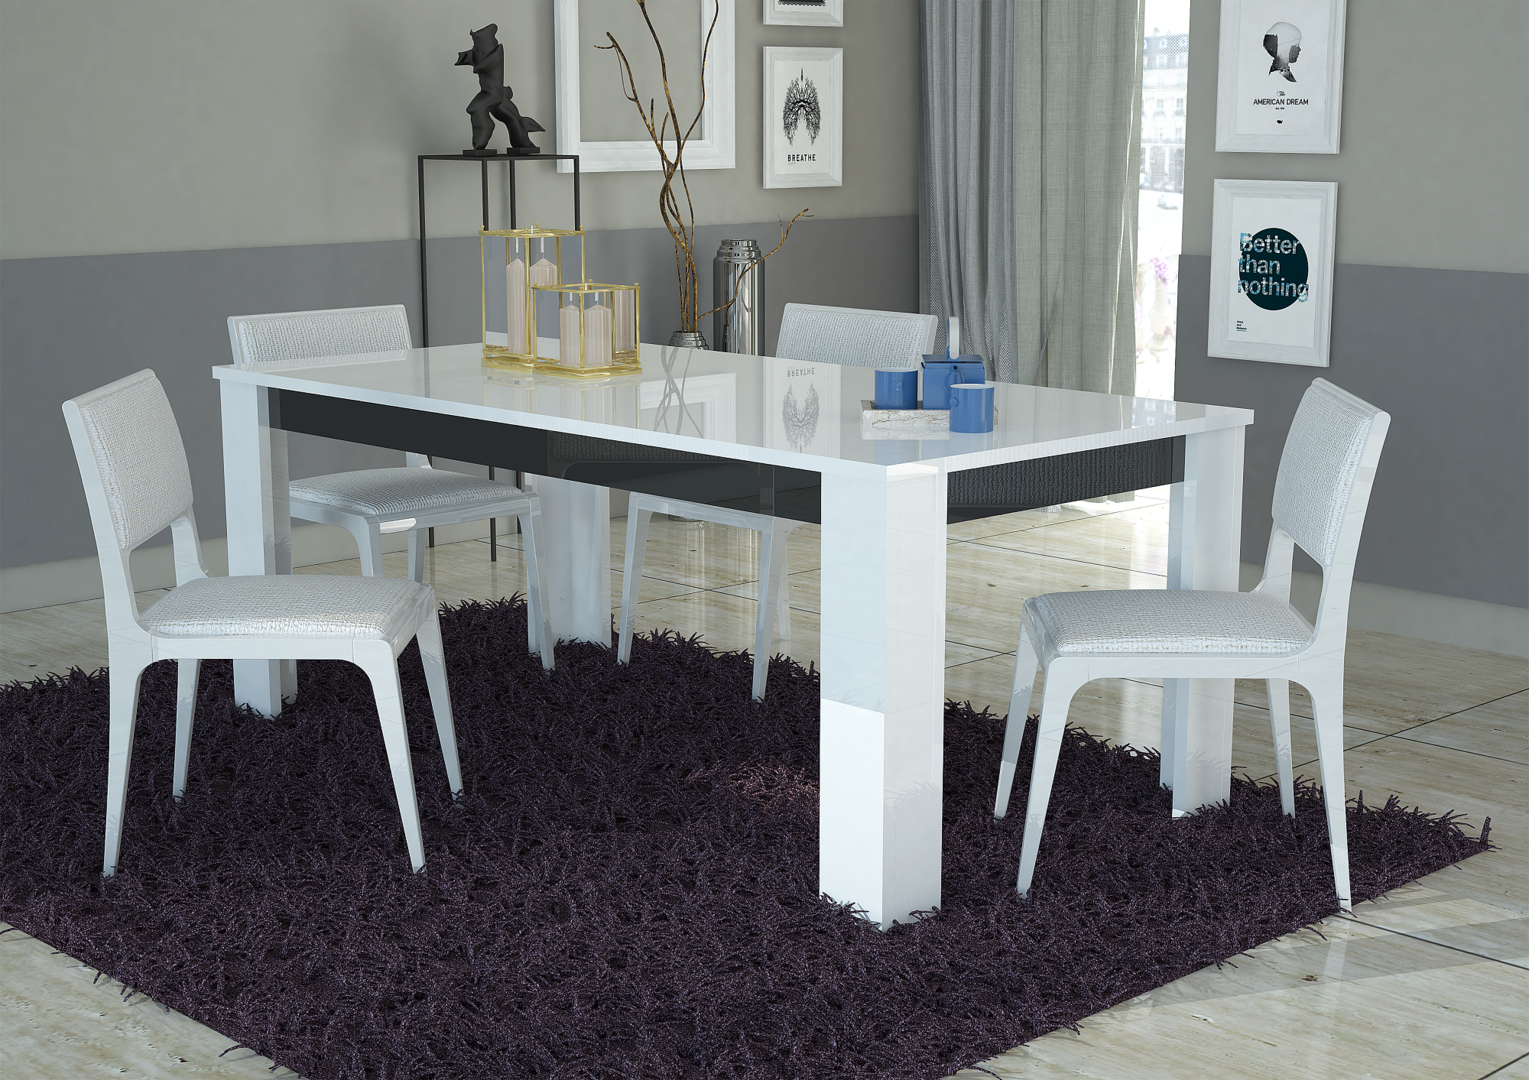 Tavolo bianco collezione avana mobile cucina sala da pranzo - Tavolo sala da pranzo ...